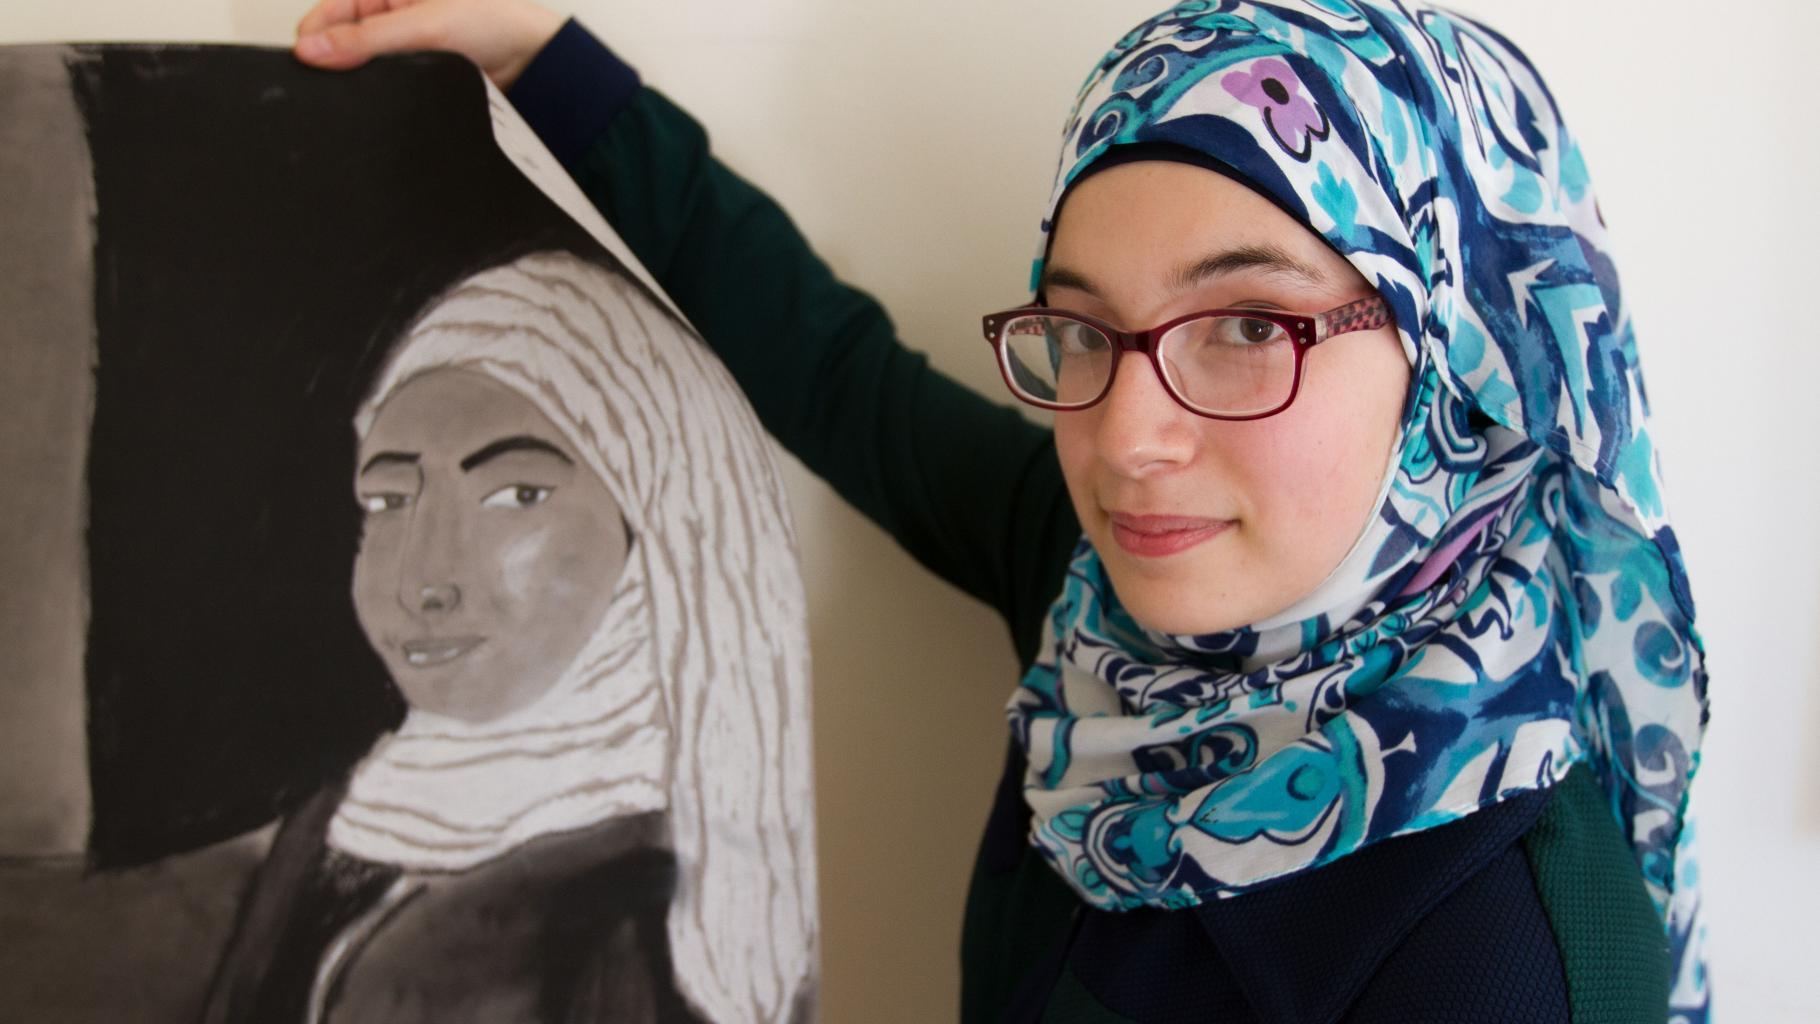 Eine junge Frau zeigt ein gezeichnetes Porträt einer Frau.